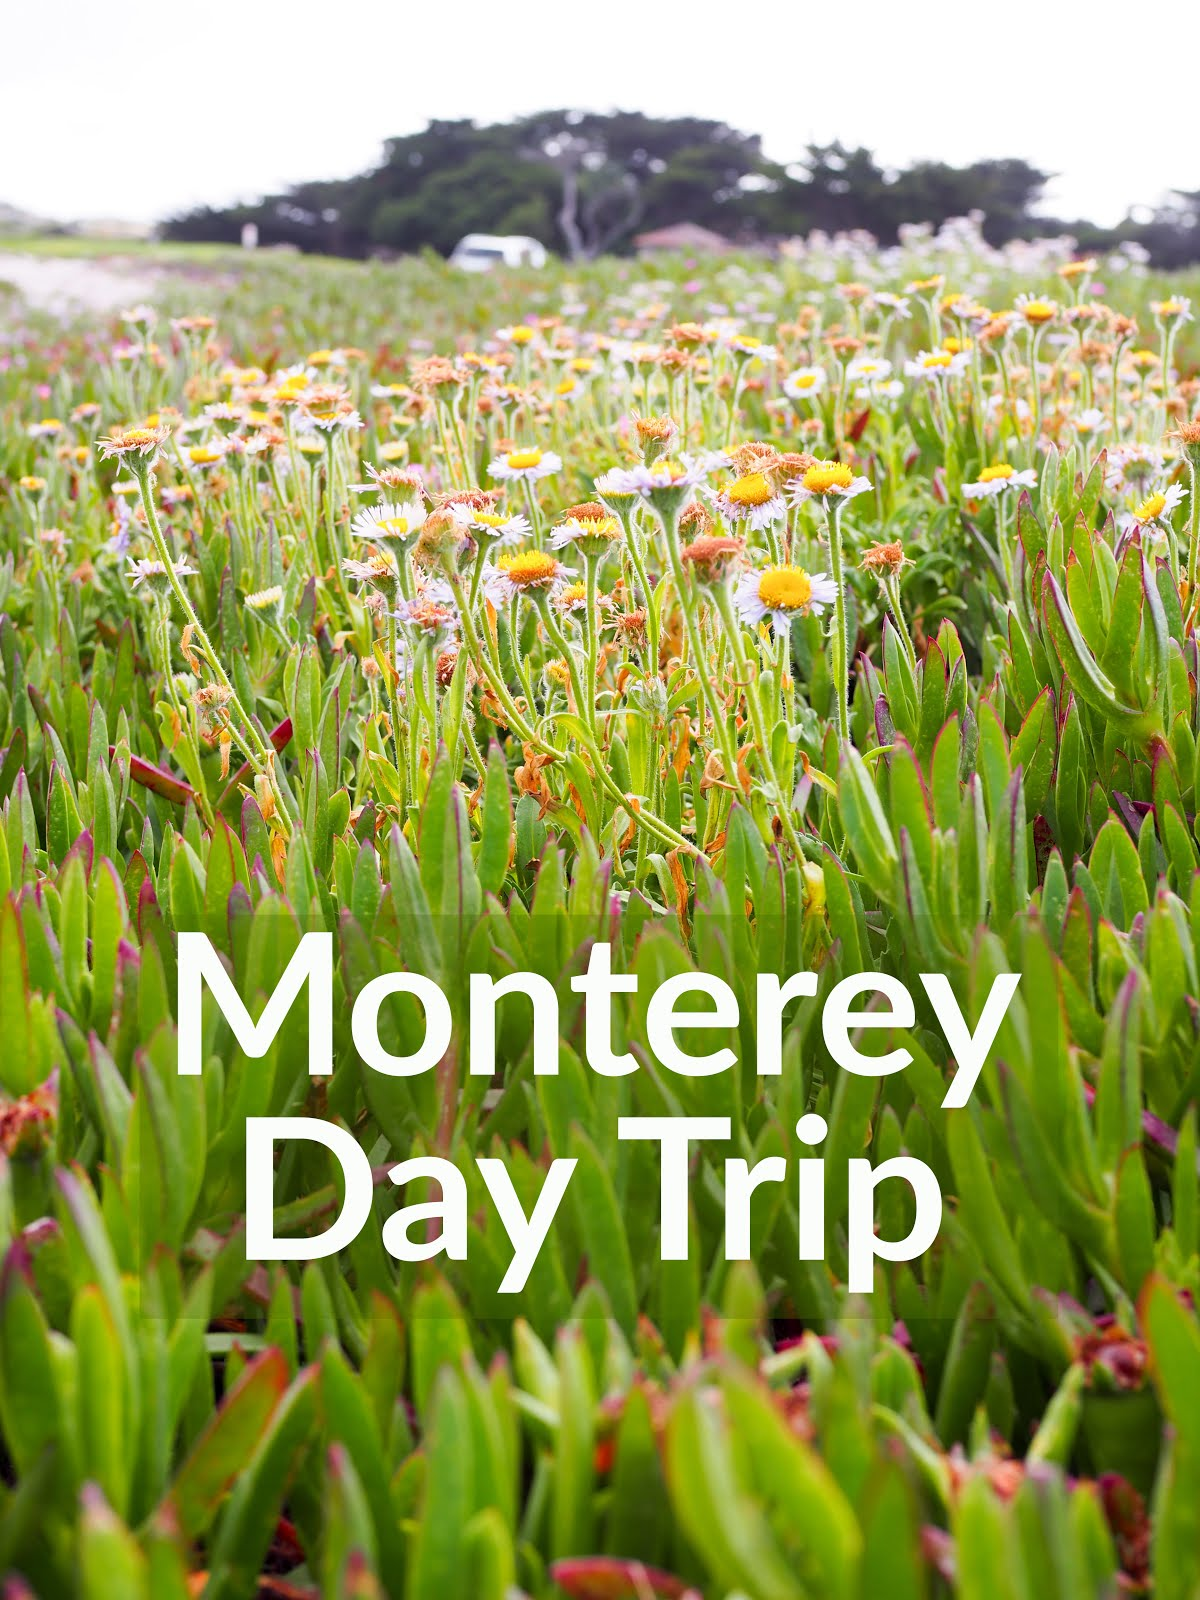 Monterey Day Trip